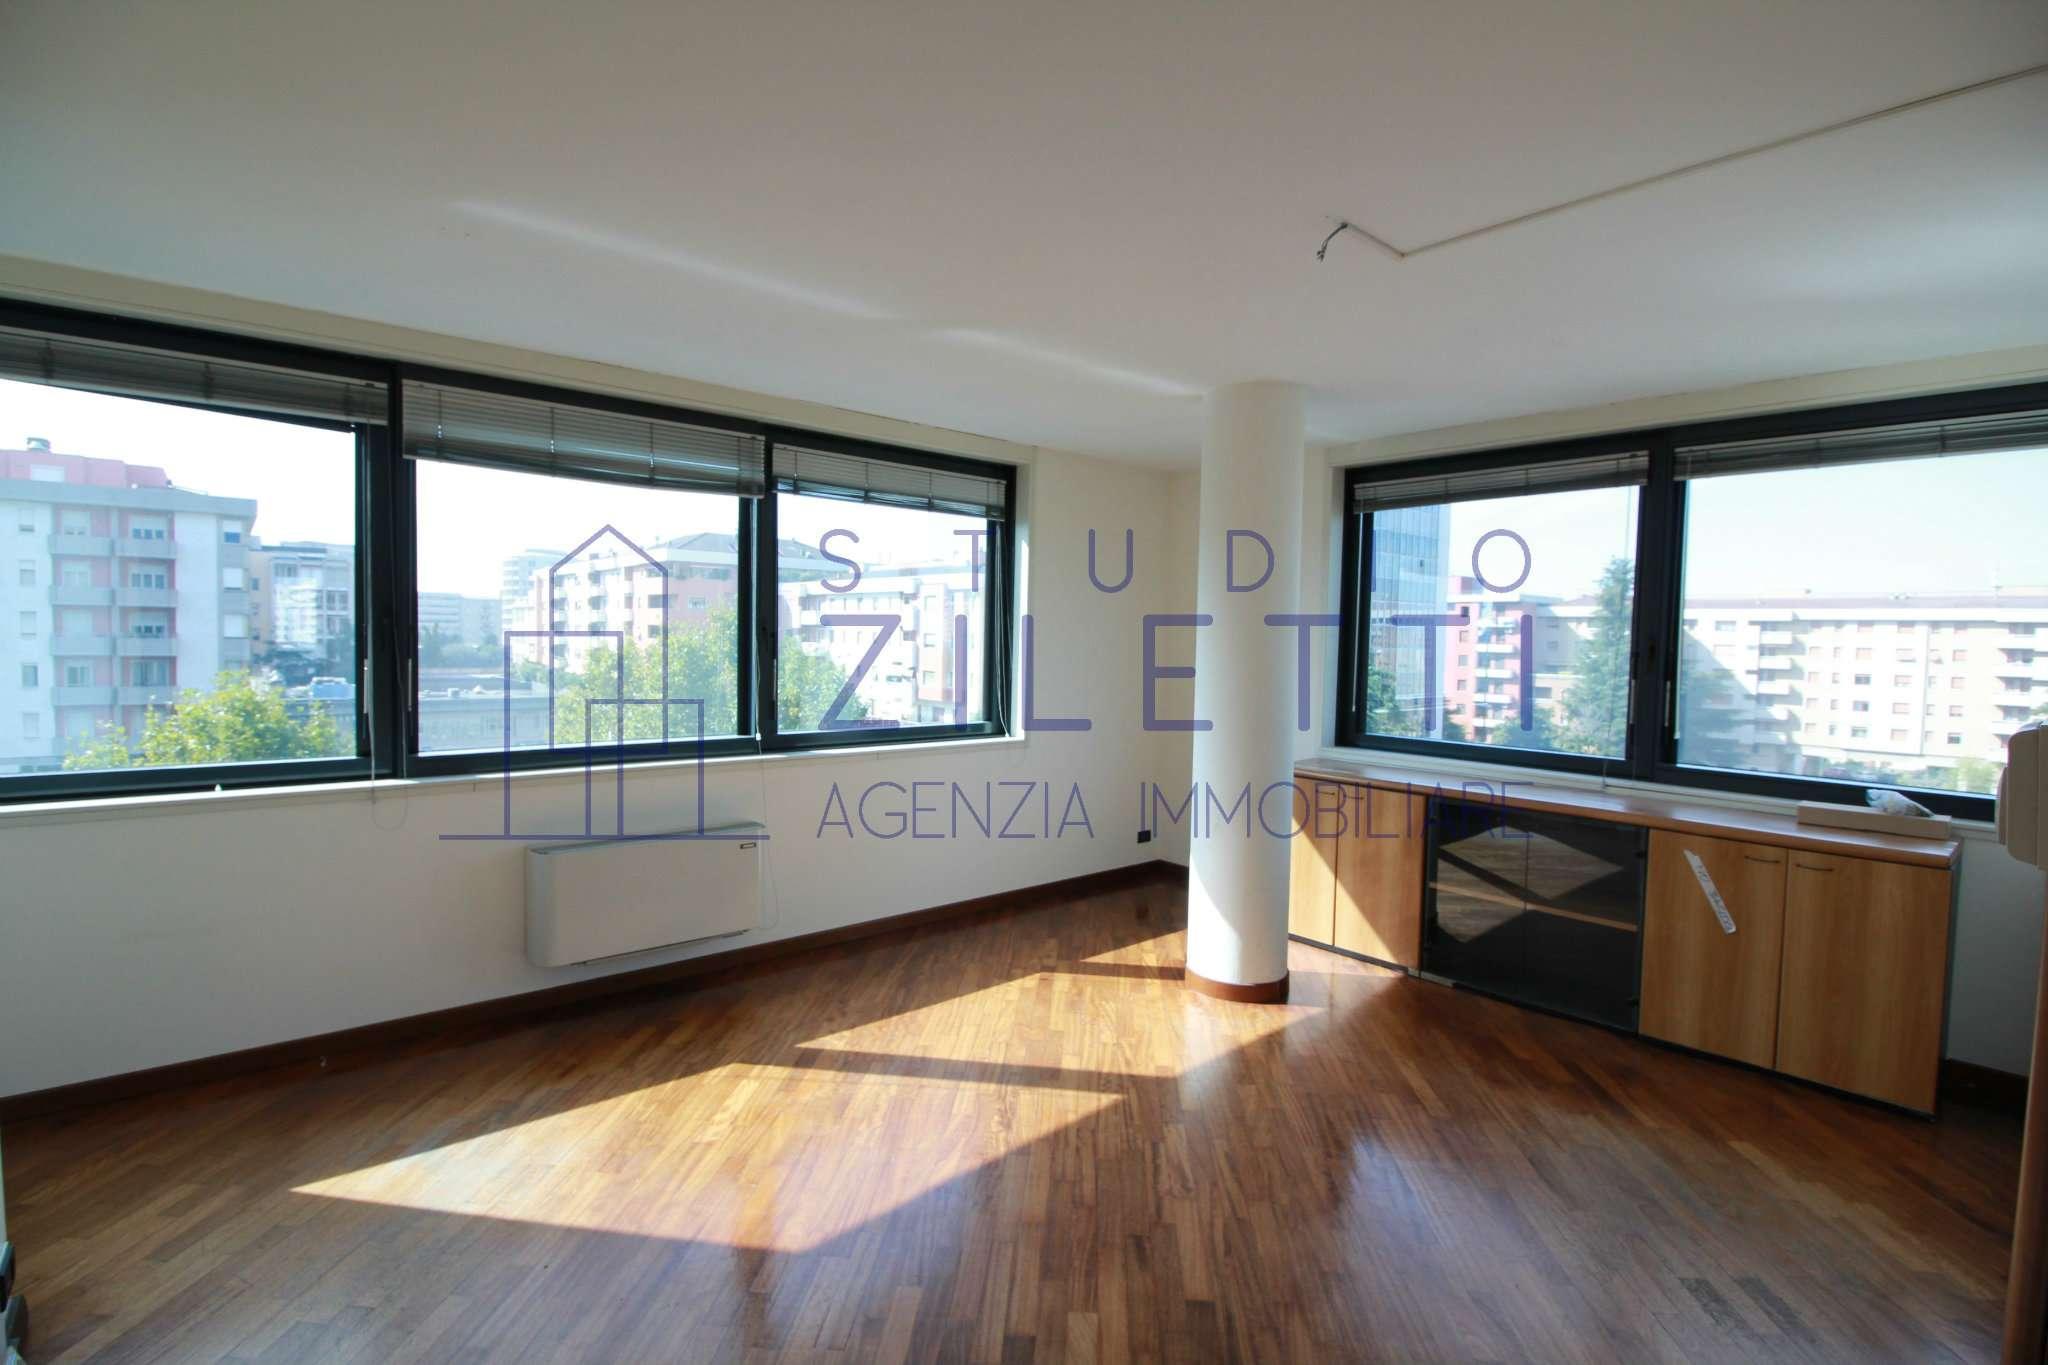 Appartamento in vendita a Brescia, 5 locali, prezzo € 378.000   PortaleAgenzieImmobiliari.it